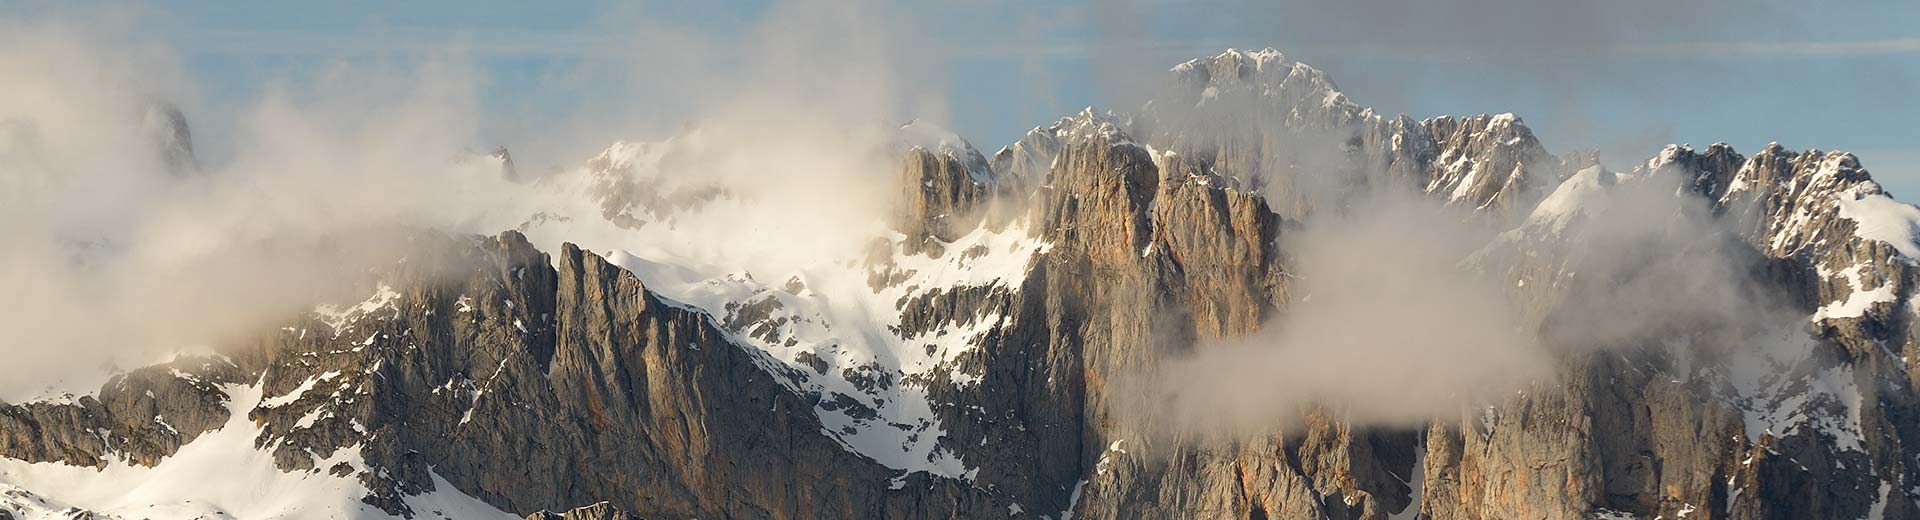 Macizo occidental de Picos de Europa, municipio de Posada de Valdeón